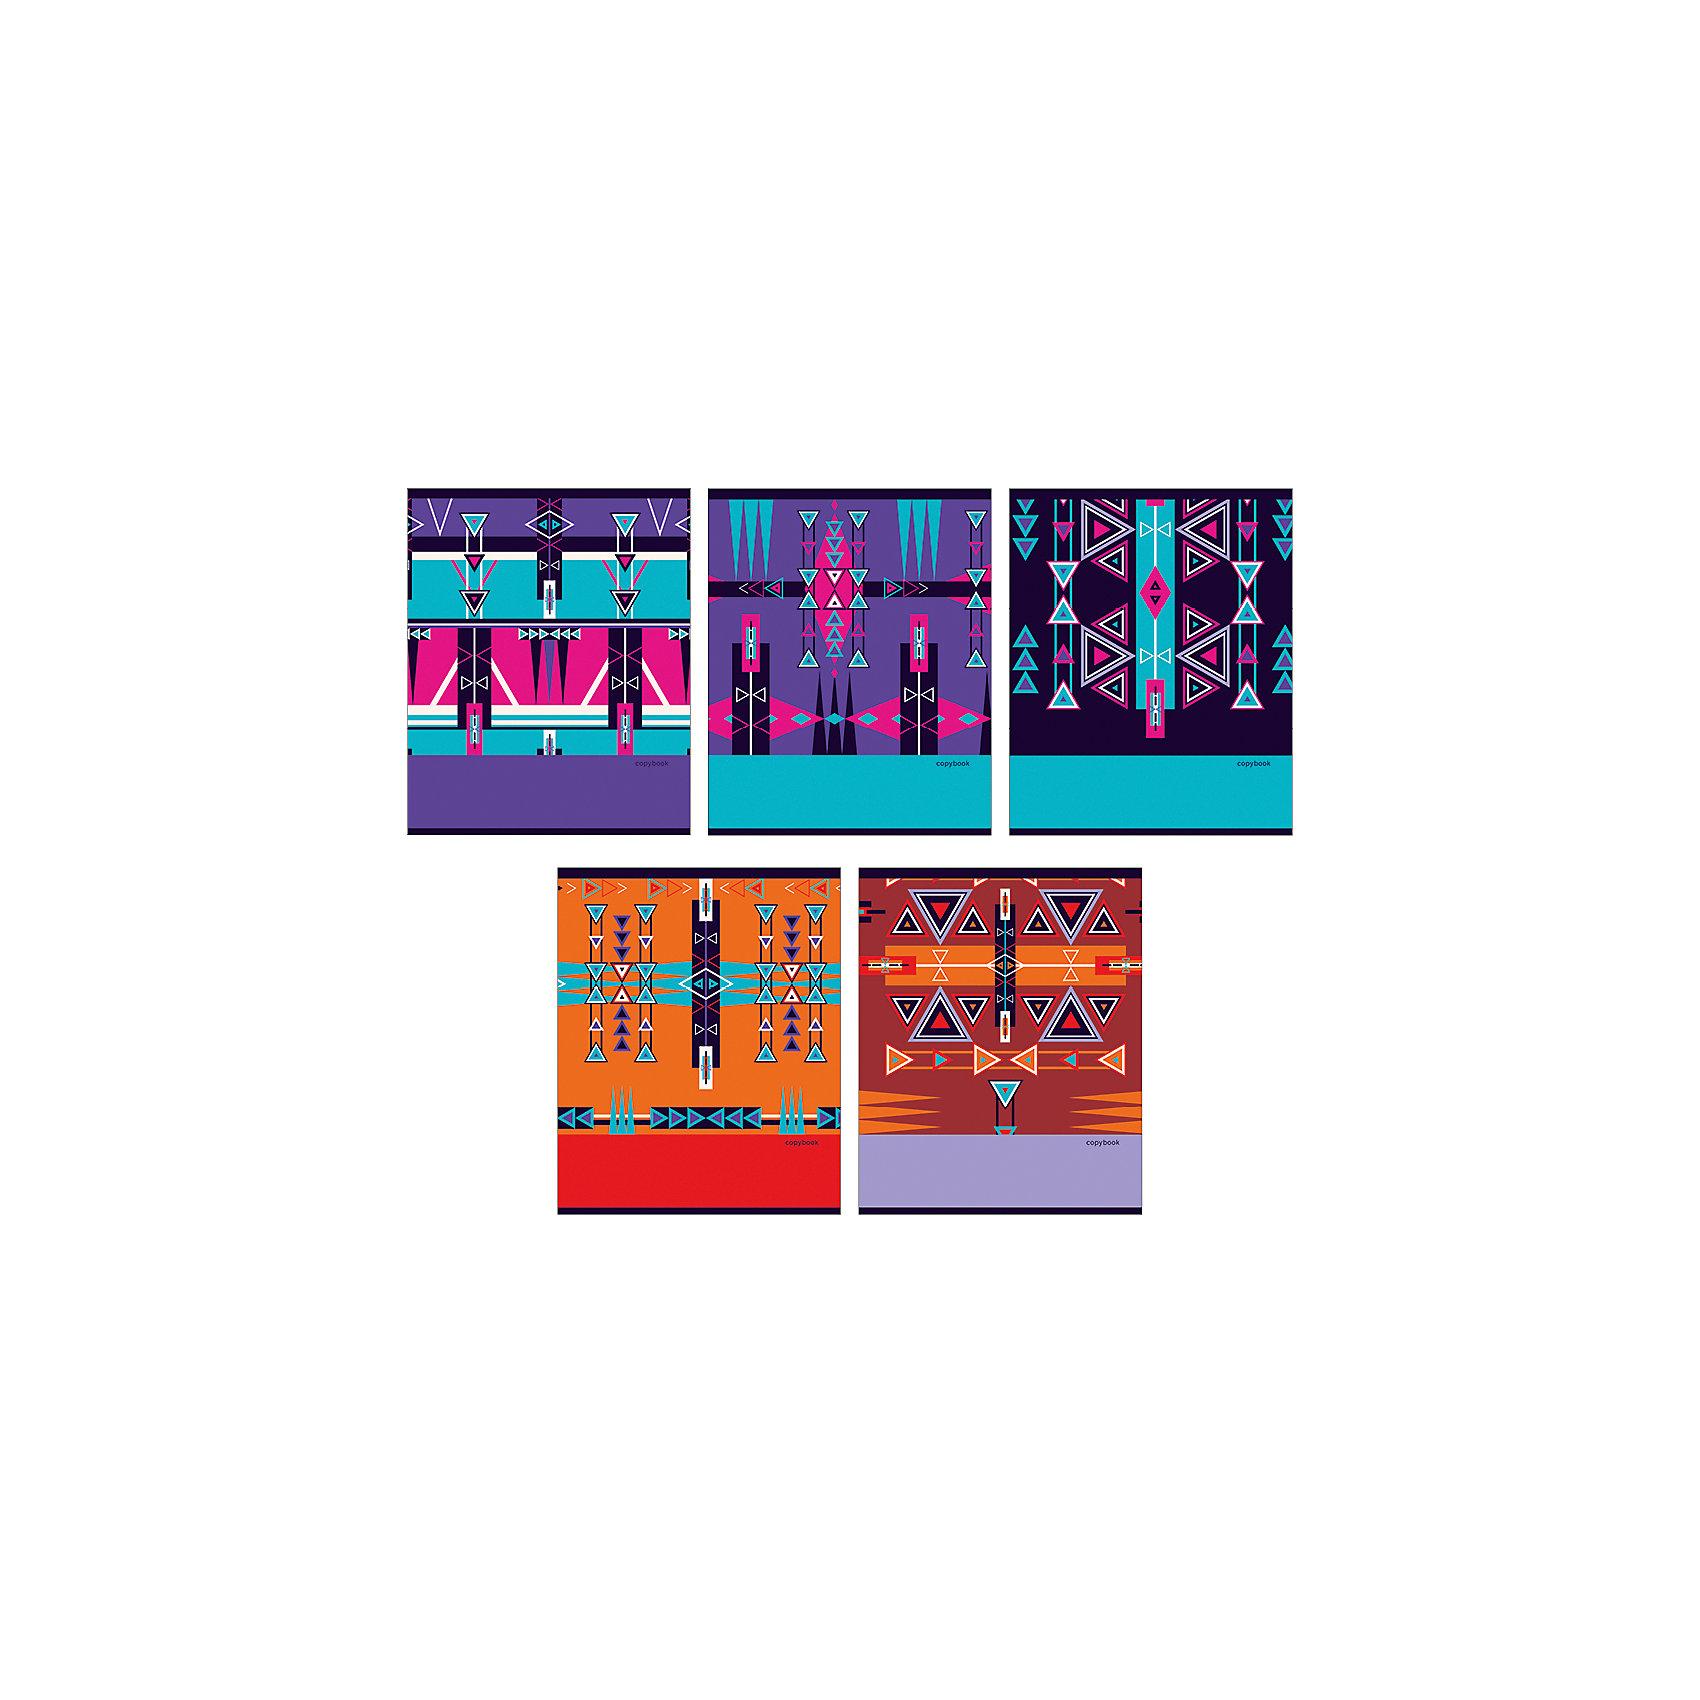 Комплект тетрадей Графические узоры (10 шт), 48 листов, Канц-ЭксмоХарактеристики комплекта тетрадей Графические узоры:<br><br>• размеры: 20.2х16.3х3.5 см<br>• количество листов: 48 шт.<br>• разлиновка: клетка<br>• формат: А 5 <br>• комплектация: тетрадь<br>• бумага: офсет, плотностью 60 г/м2.<br>• обложка: мелованный картон, выборочный лак <br>• бренд: Канц-Эксмо<br>• страна бренда: Россия<br>• страна производителя: Россия<br><br>Комплект тетрадей Графические узоры от производителя Канц-Эксмо выполнен в формате А5. Количество листов 48, тетради в клетку с полями. Крепление: скрепка. Обложка у изделий плотная - мелованный картон, выборочный лак <br><br>Комплект тетрадей Графические узоры от производителя Канц-Эксмо можно купить в нашем интернет-магазине.<br><br>Ширина мм: 202<br>Глубина мм: 163<br>Высота мм: 50<br>Вес г: 103<br>Возраст от месяцев: 72<br>Возраст до месяцев: 2147483647<br>Пол: Женский<br>Возраст: Детский<br>SKU: 5448407